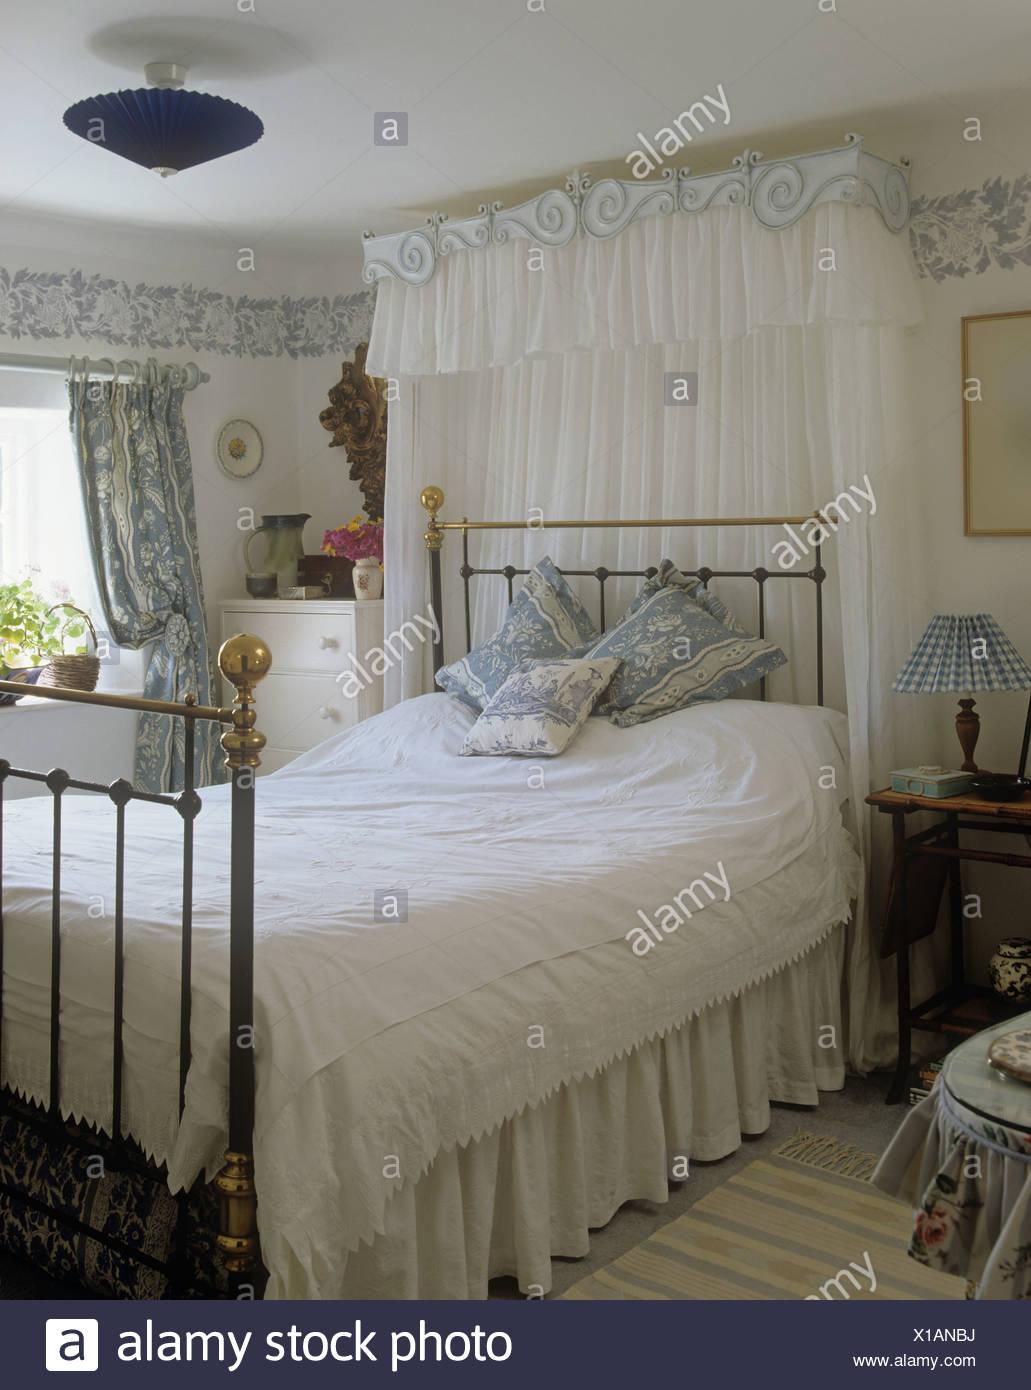 Brass Bed Imágenes De Stock & Brass Bed Fotos De Stock - Alamy